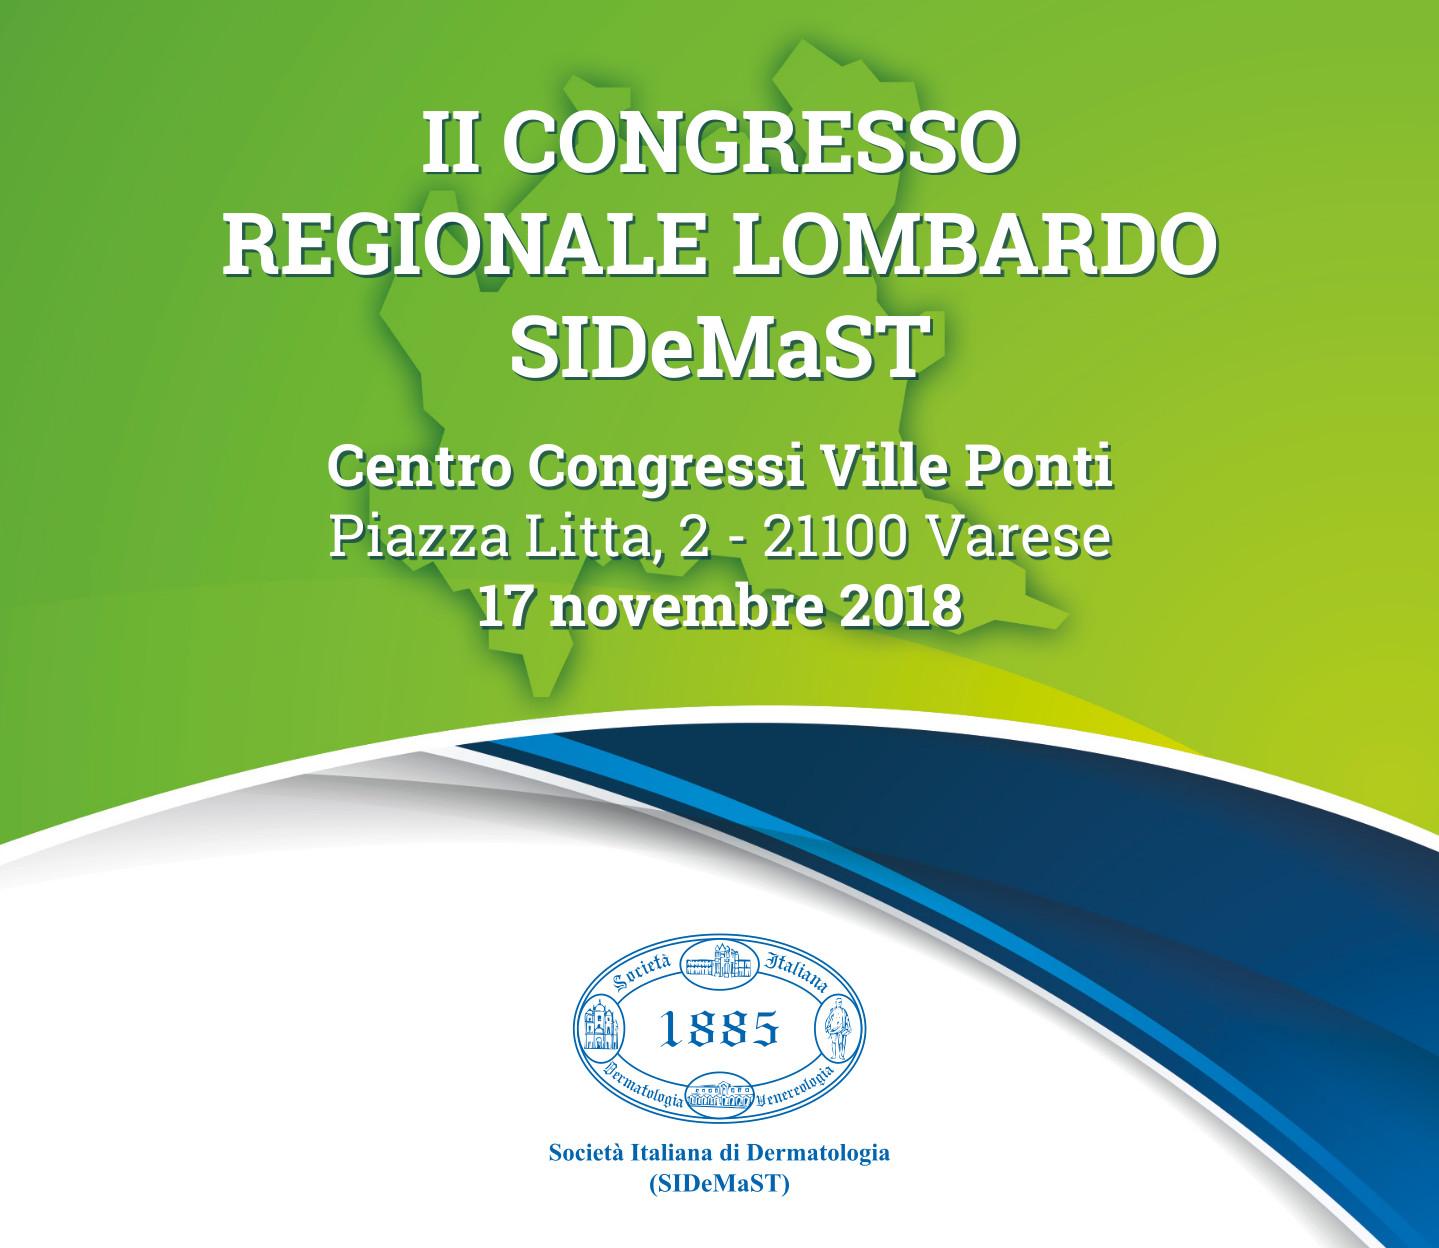 II Congresso Regionale Lombardo SIDeMaST